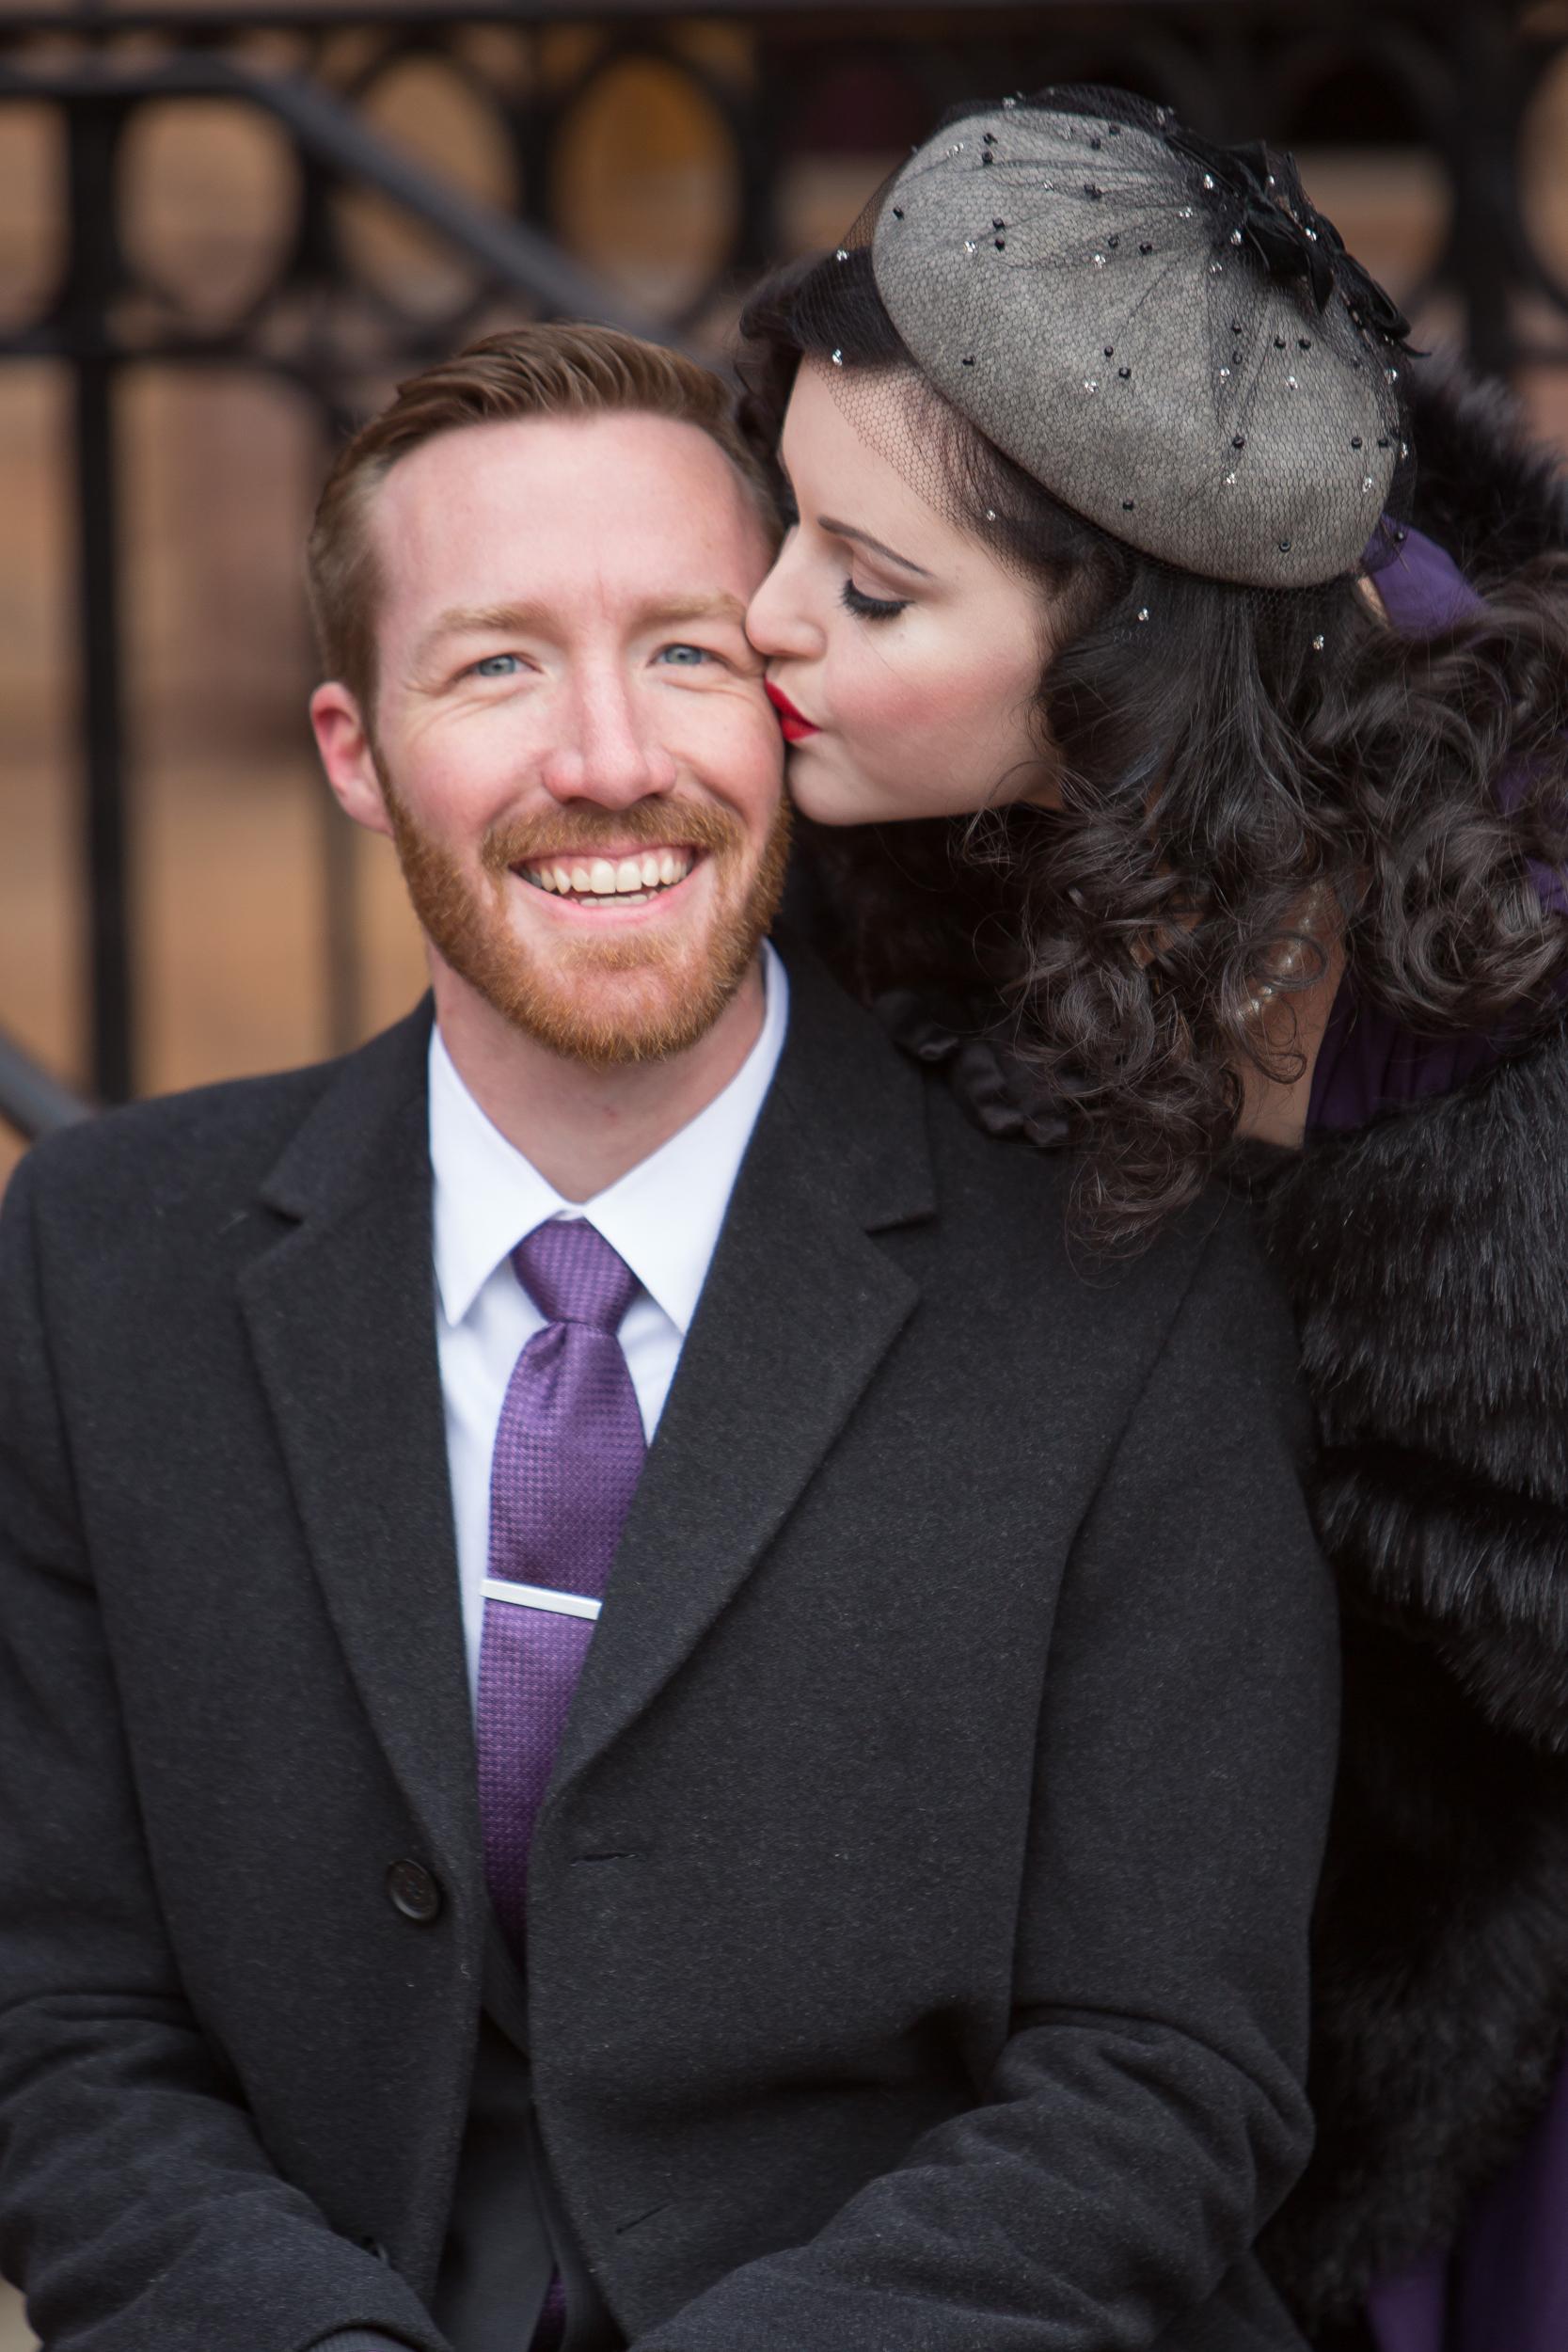 Corning NY Wedding Photography 2017